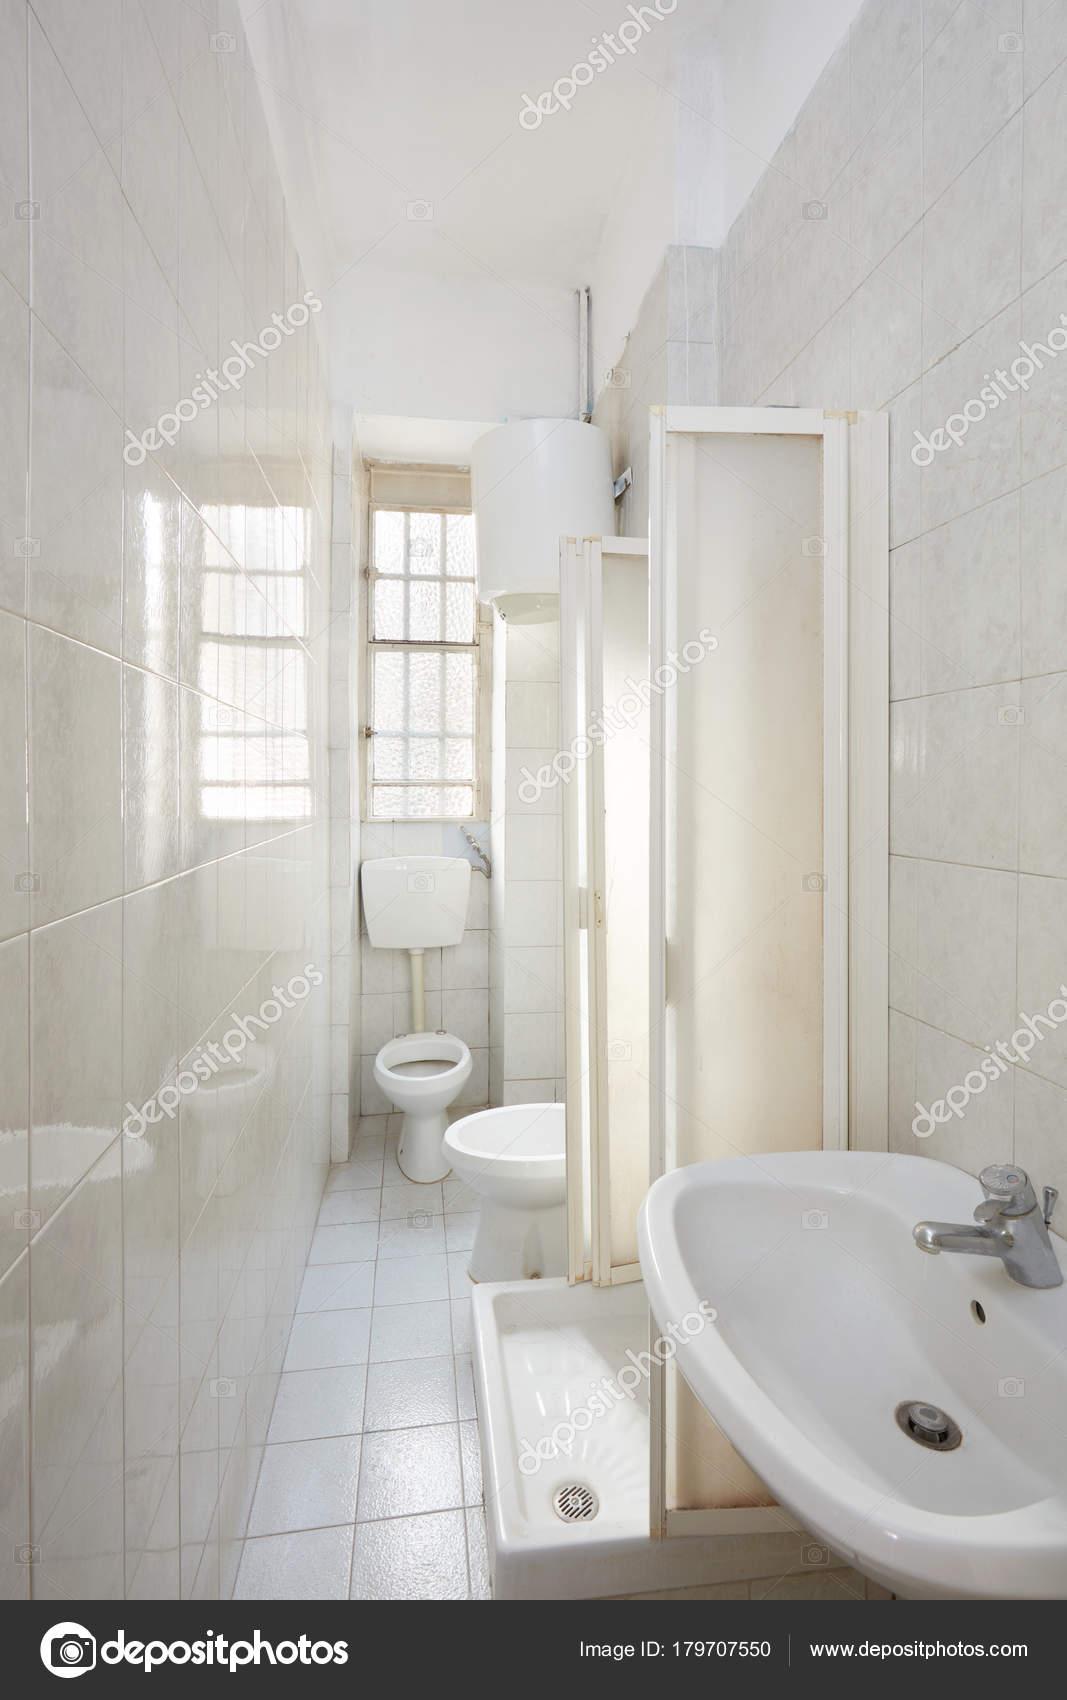 Alte Badezimmer Interieur Mit Gefliesten Boden Und Wände Europa ...